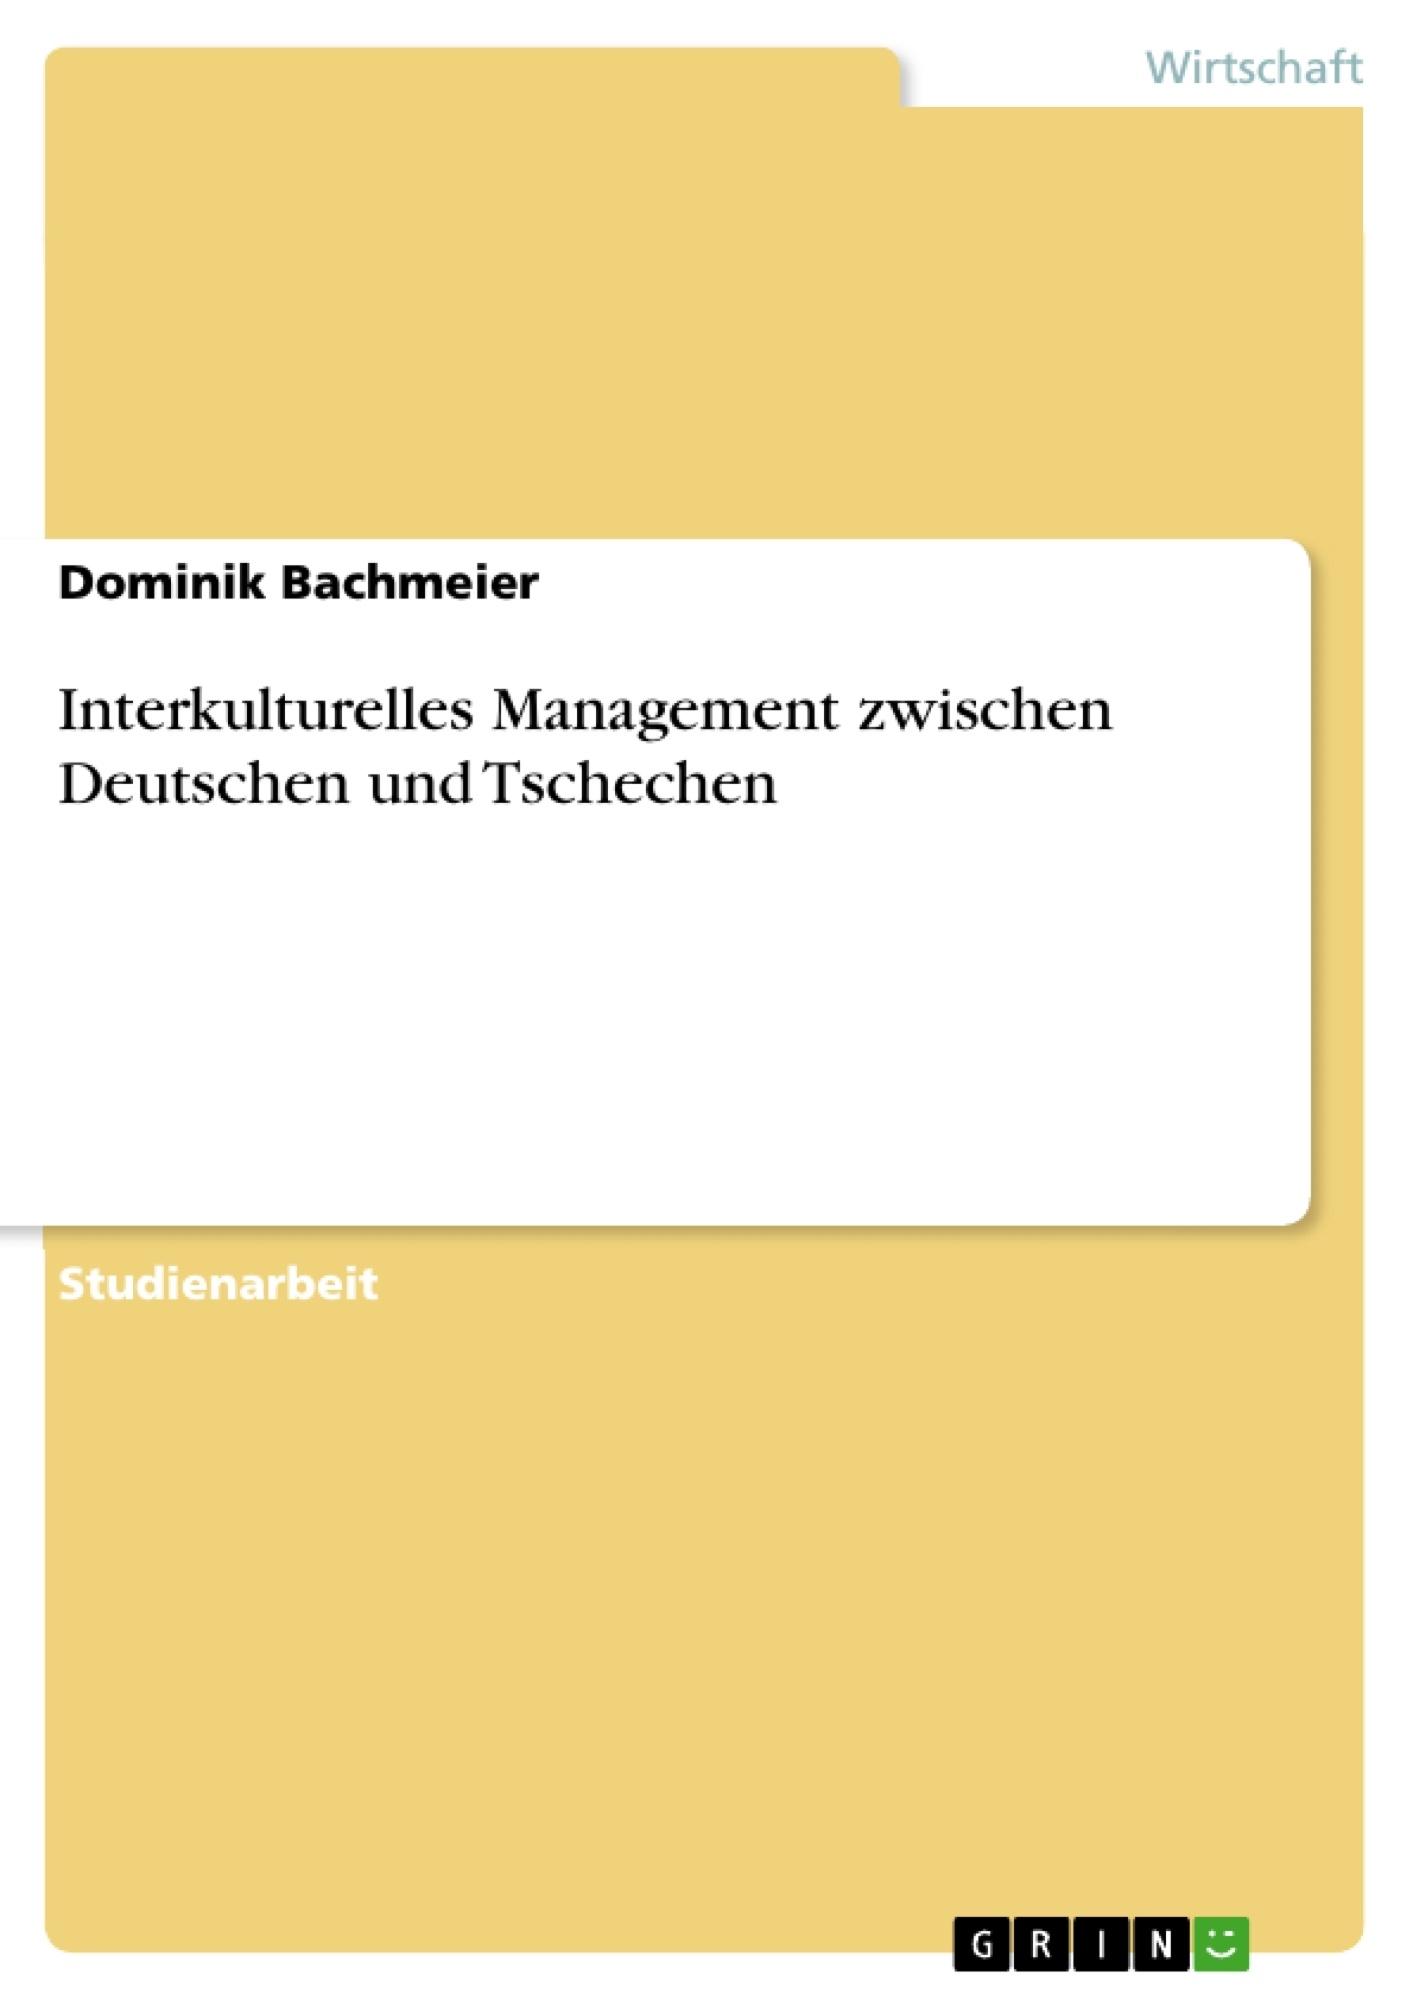 Titel: Interkulturelles Management zwischen Deutschen und Tschechen